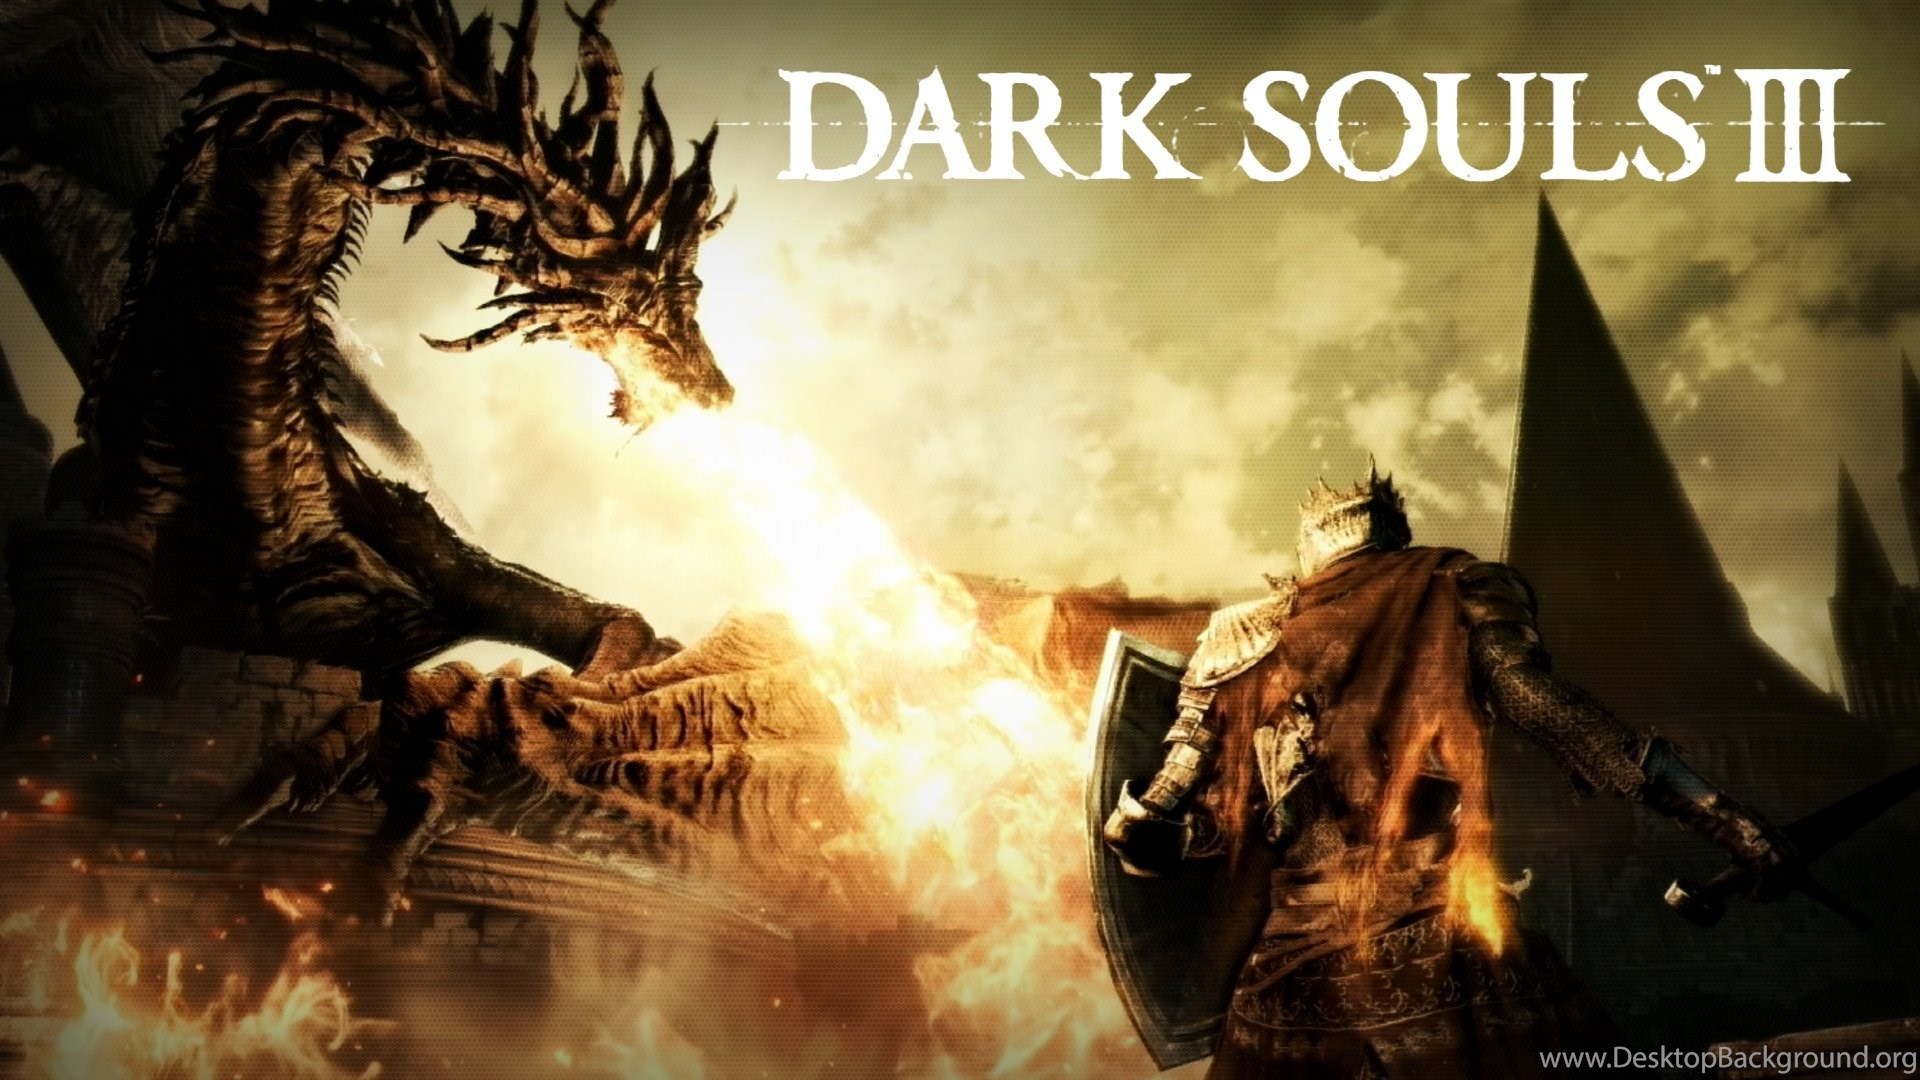 Dark Souls 3 Hd Wallpapers Desktop Background